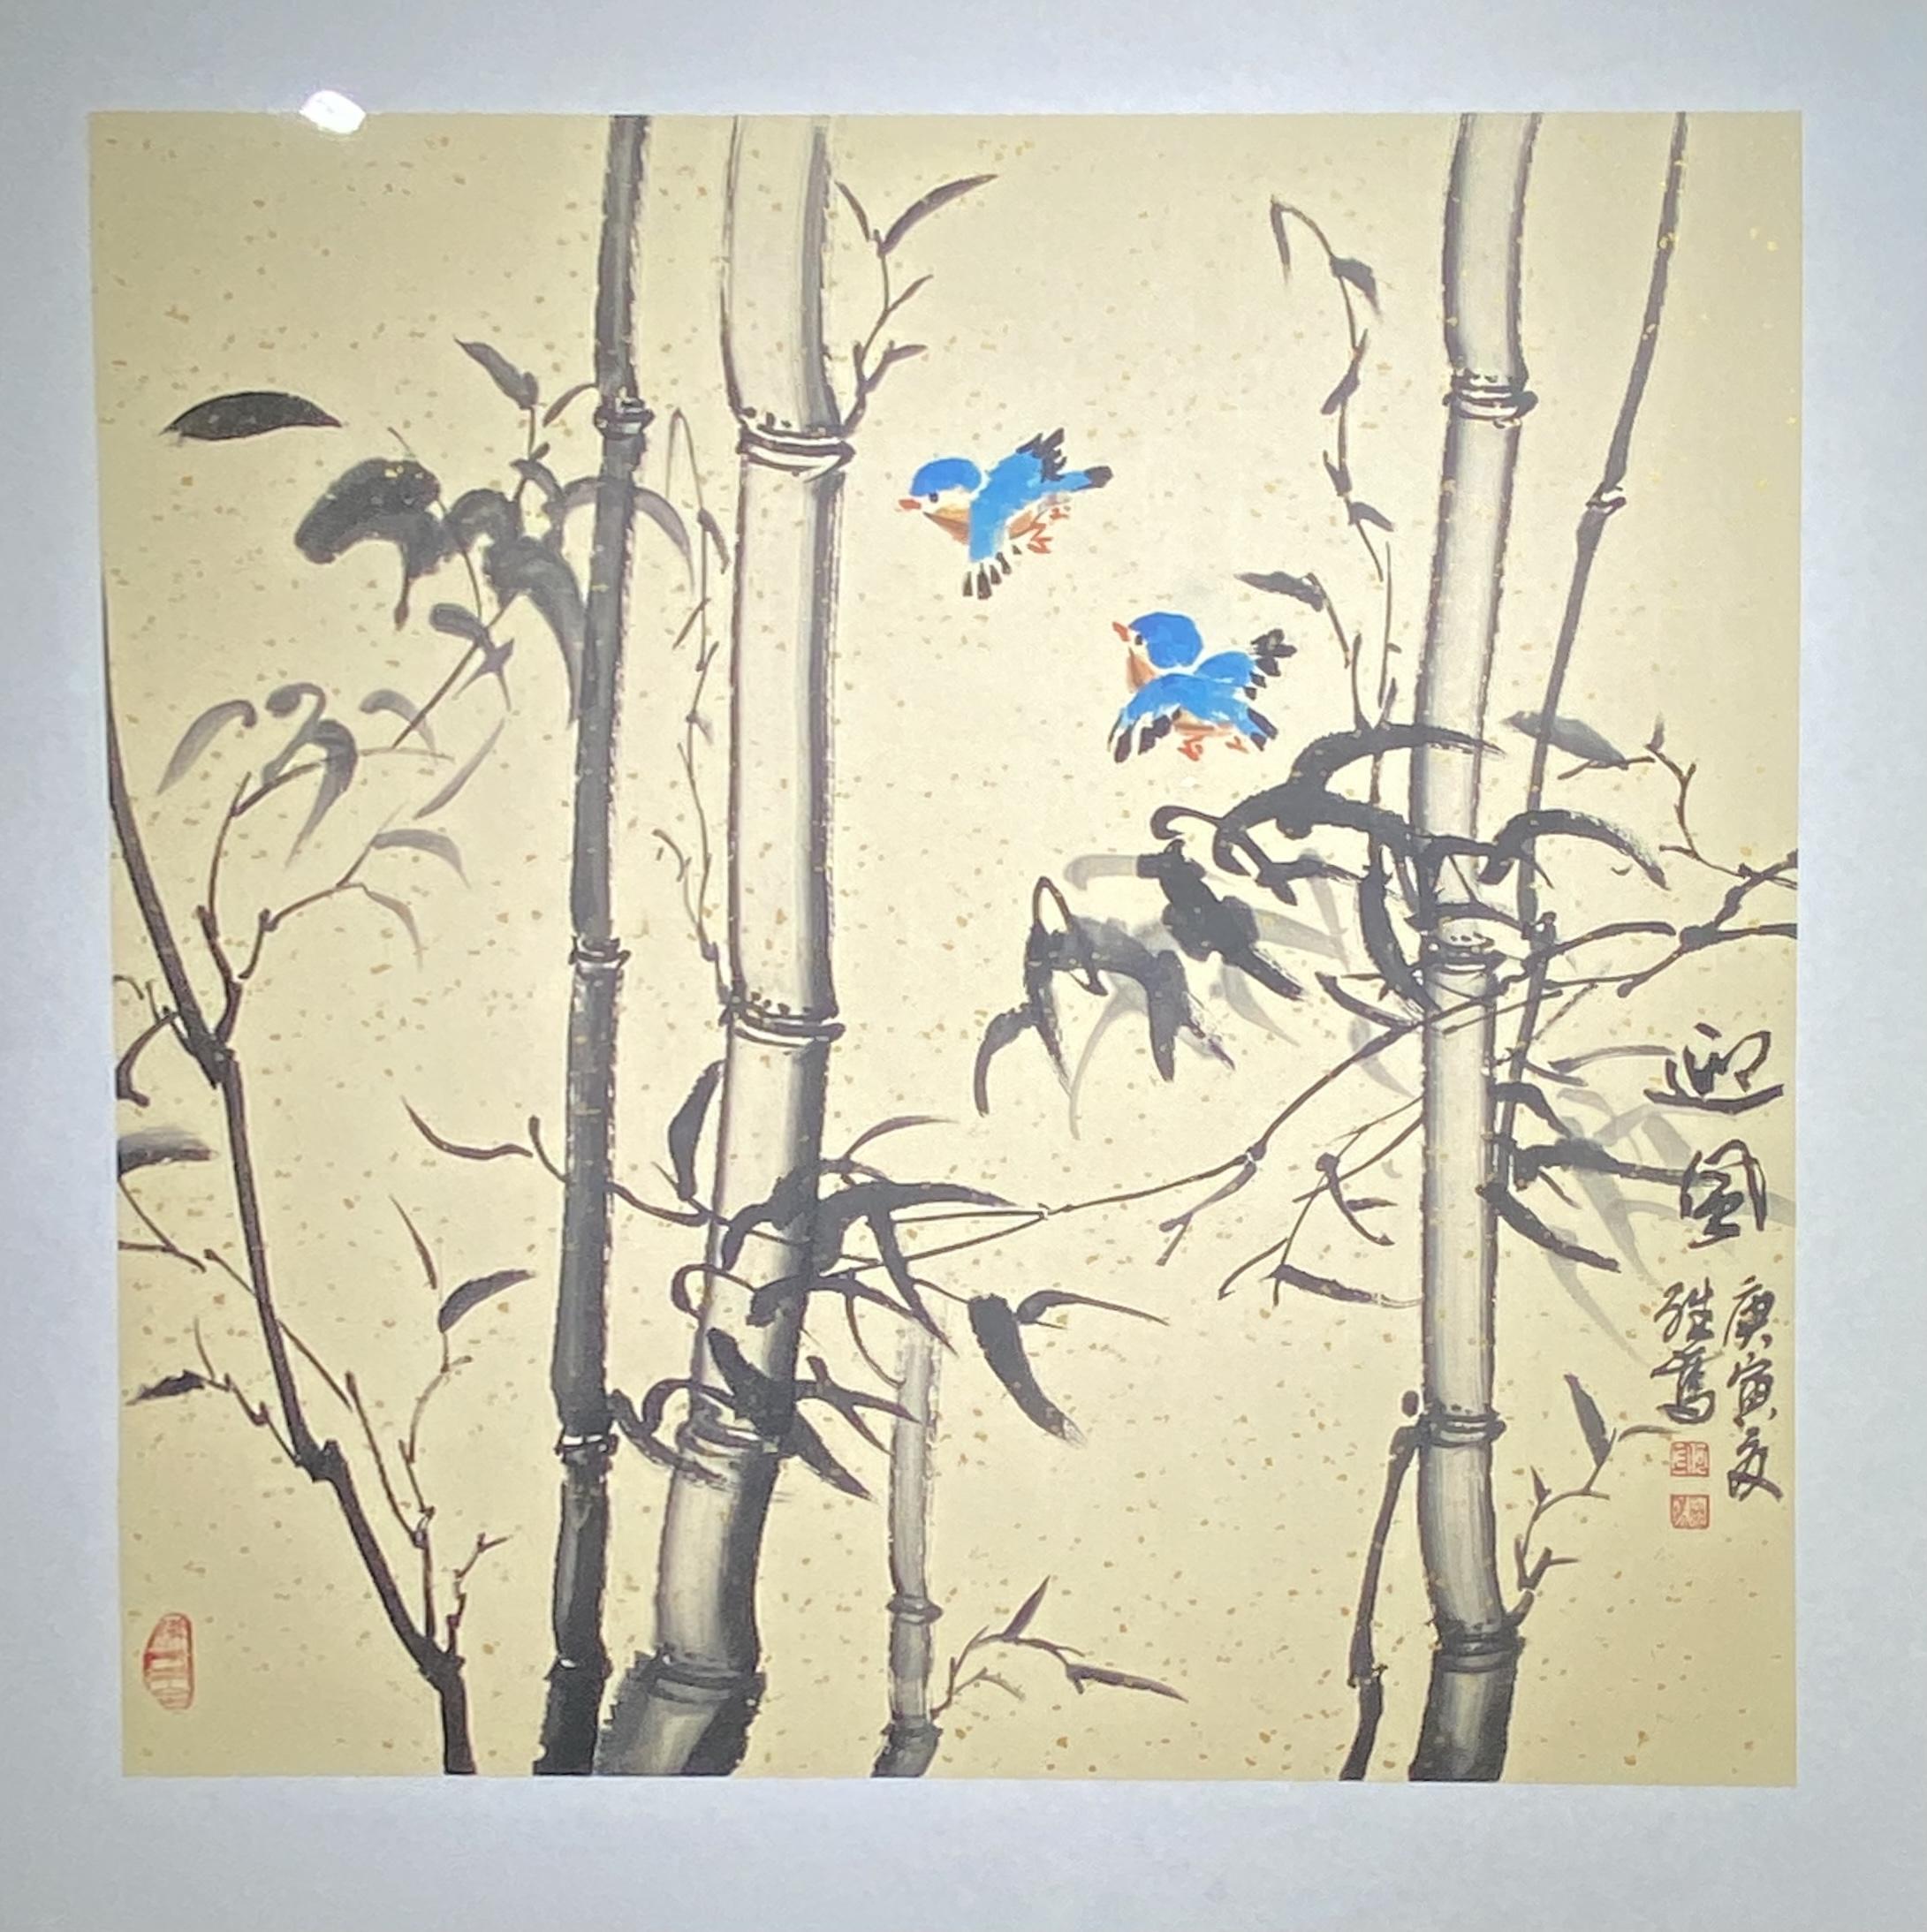 迎風-2010-中国画-68×68-「丹青を振りかけ、詩情を送る-何継篤個人書画展」成都市美術館